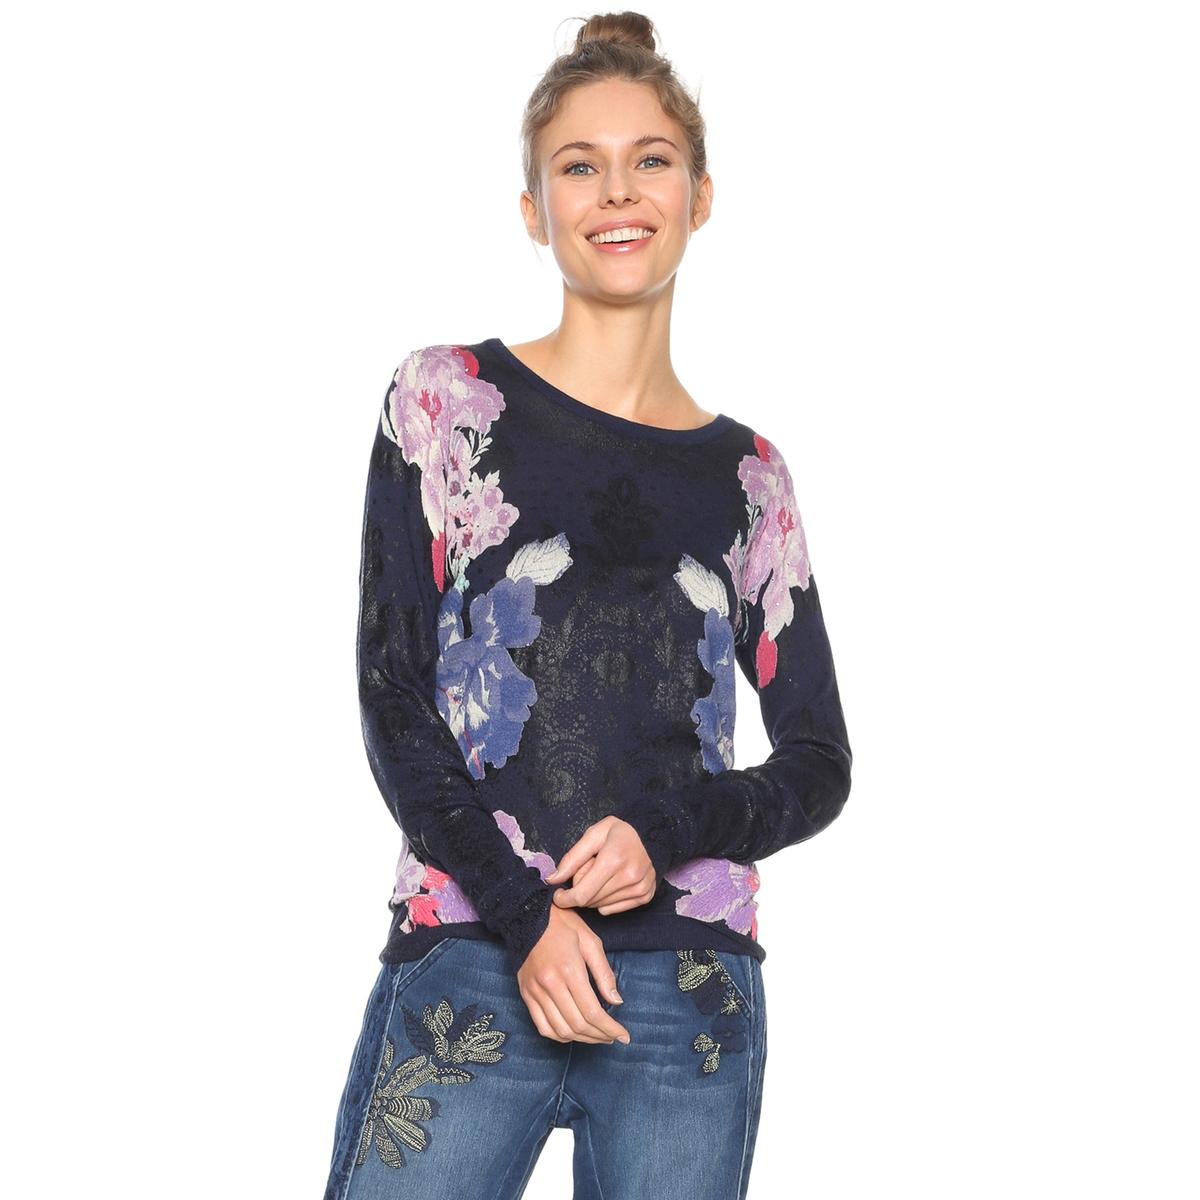 Пуловер из тонкого трикотажа, с круглым вырезом и цветочным принтом